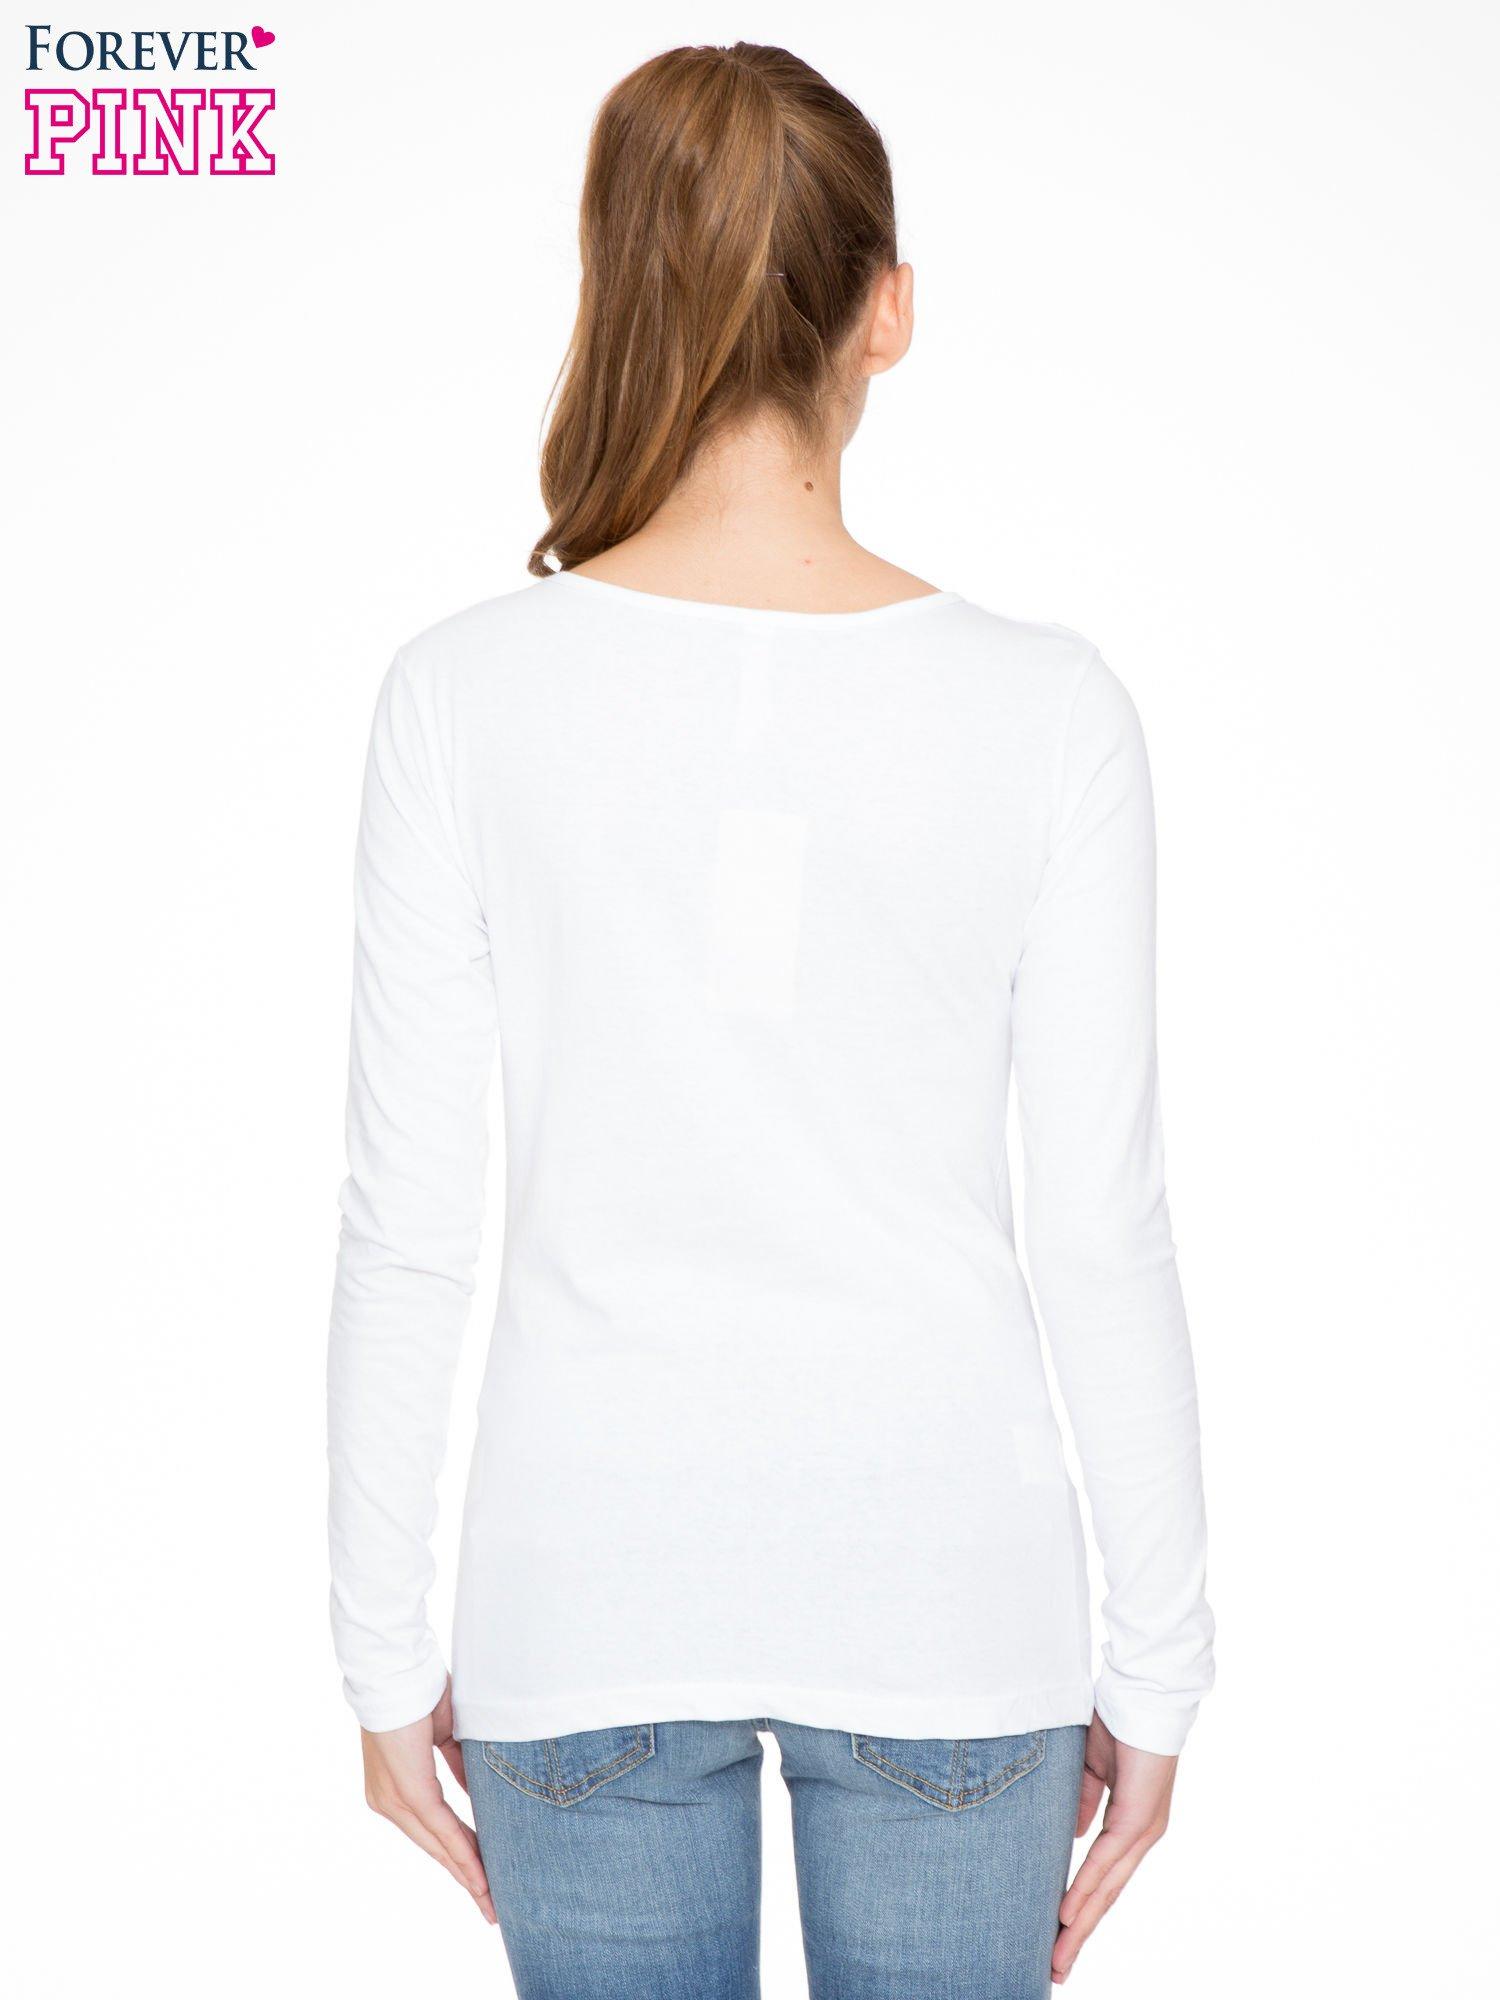 Biała bluzka z portretem kobiety i napisem GOOD GIRLS...                                  zdj.                                  4